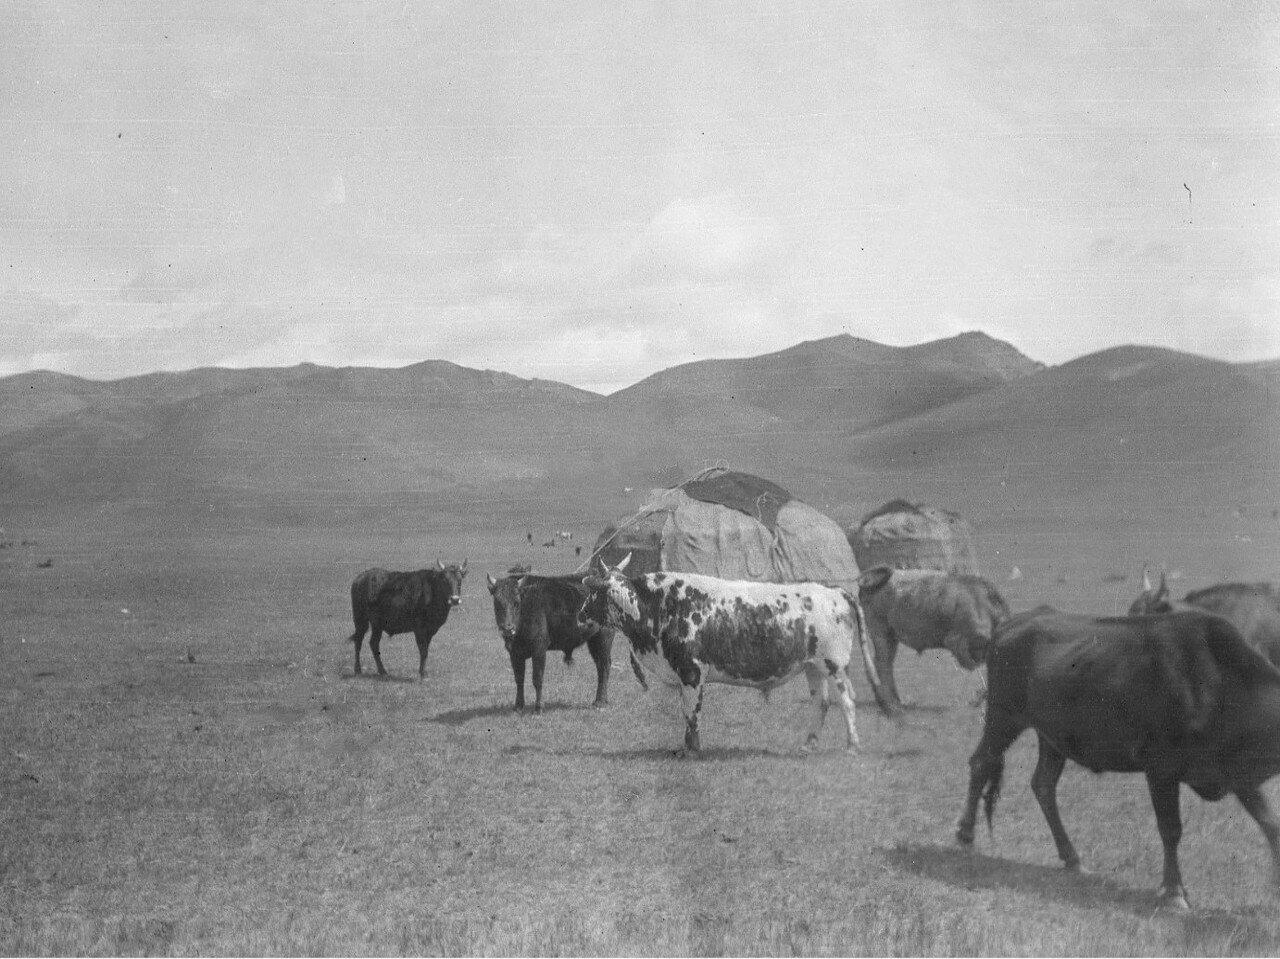 Киргизский скот в долине